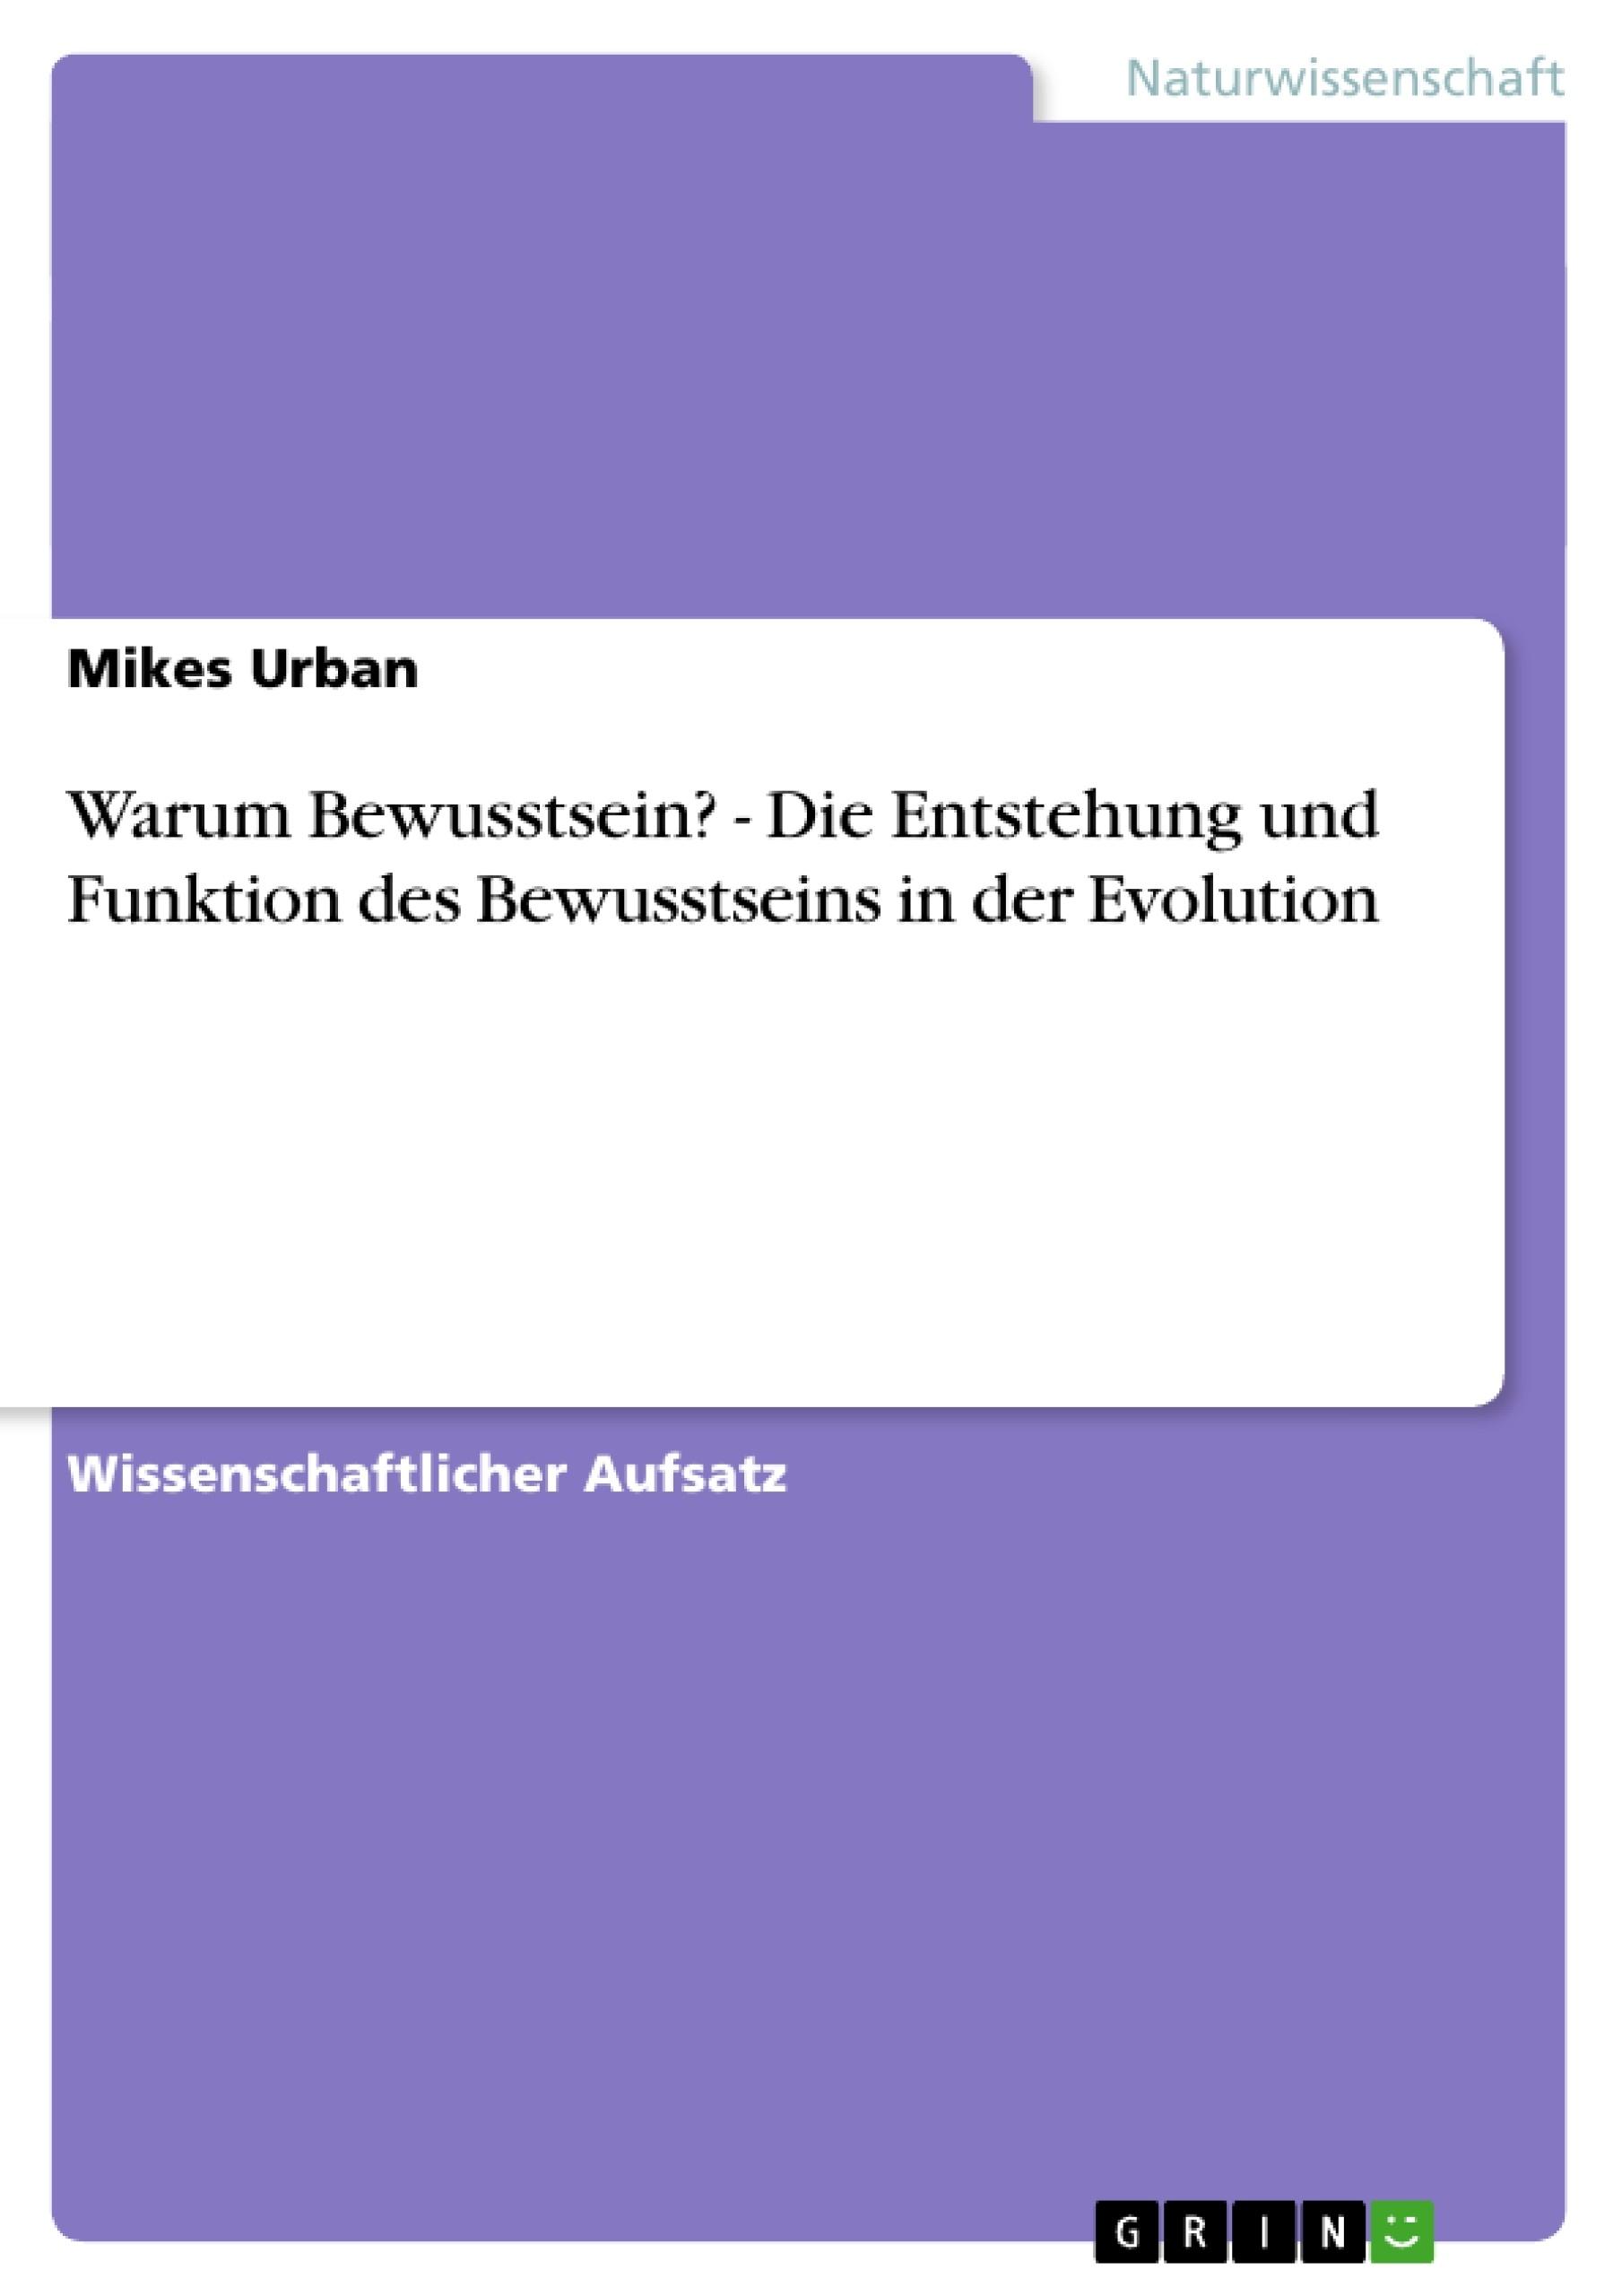 Fein Liste Der Aktionswörter Fortsetzen Galerie - Entry Level Resume ...